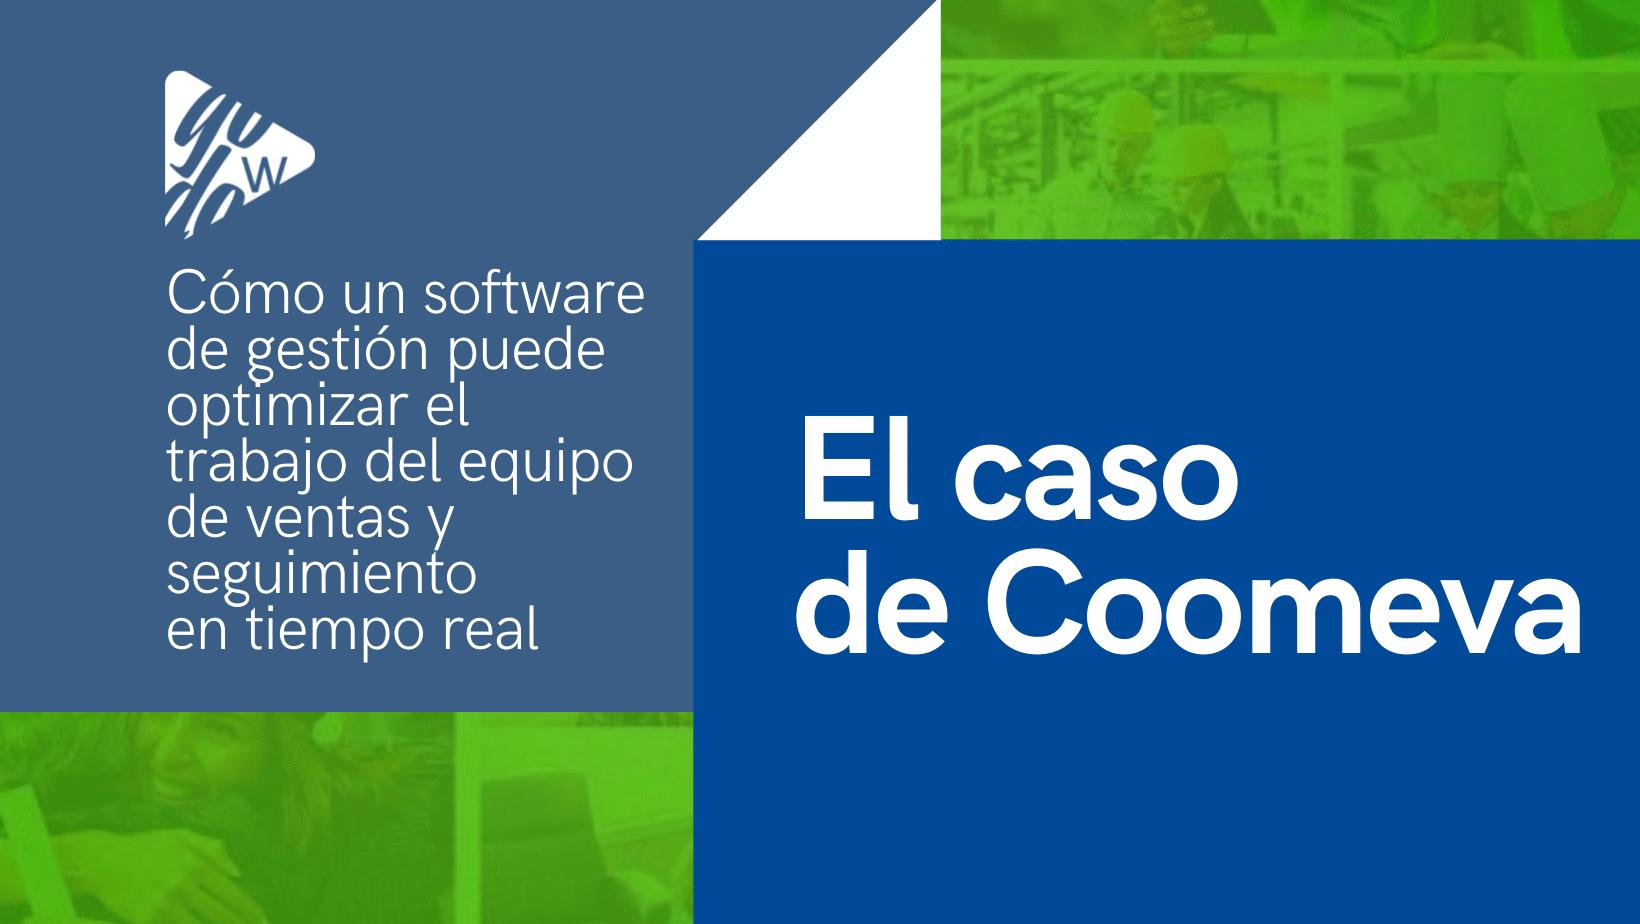 Cómo un software de gestión puede optimizar el trabajo del equipo de ventas y el seguimiento en tiempo real: el caso de Coomeva